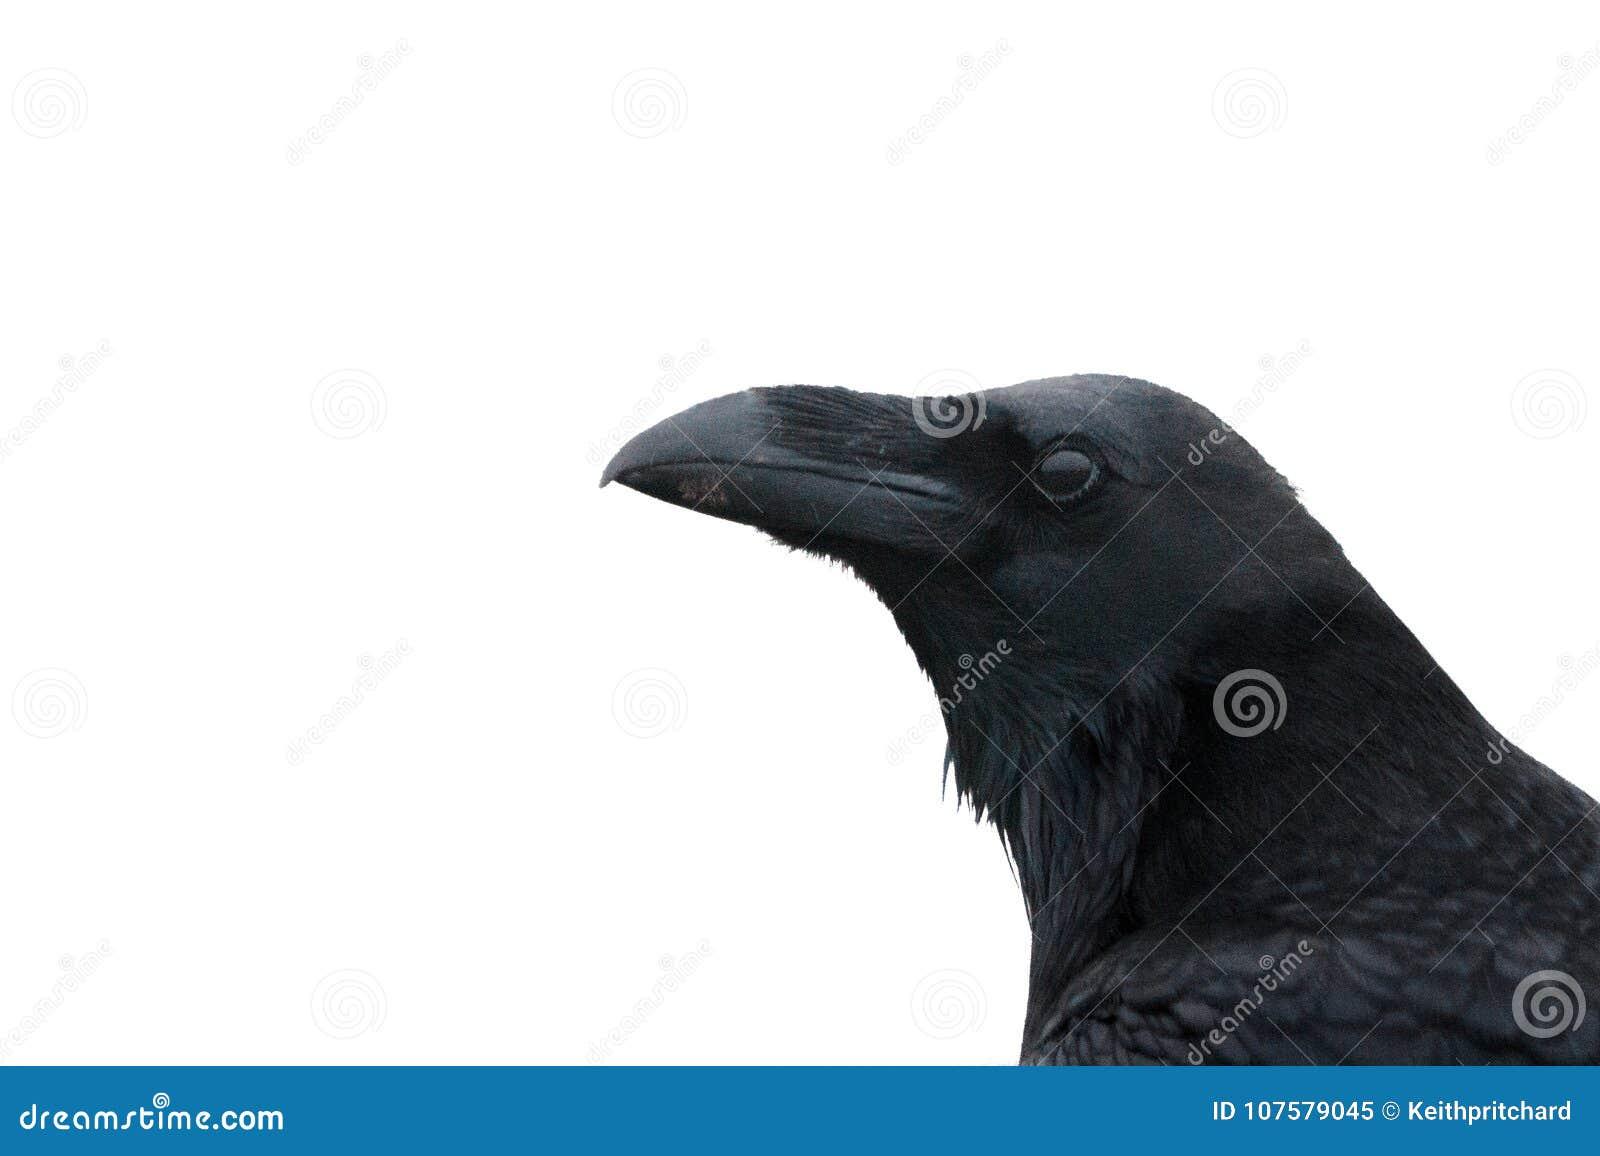 Um corvo, corvo comum, ou corvo do norte, fim acima da cabeça e bico contra o fundo branco